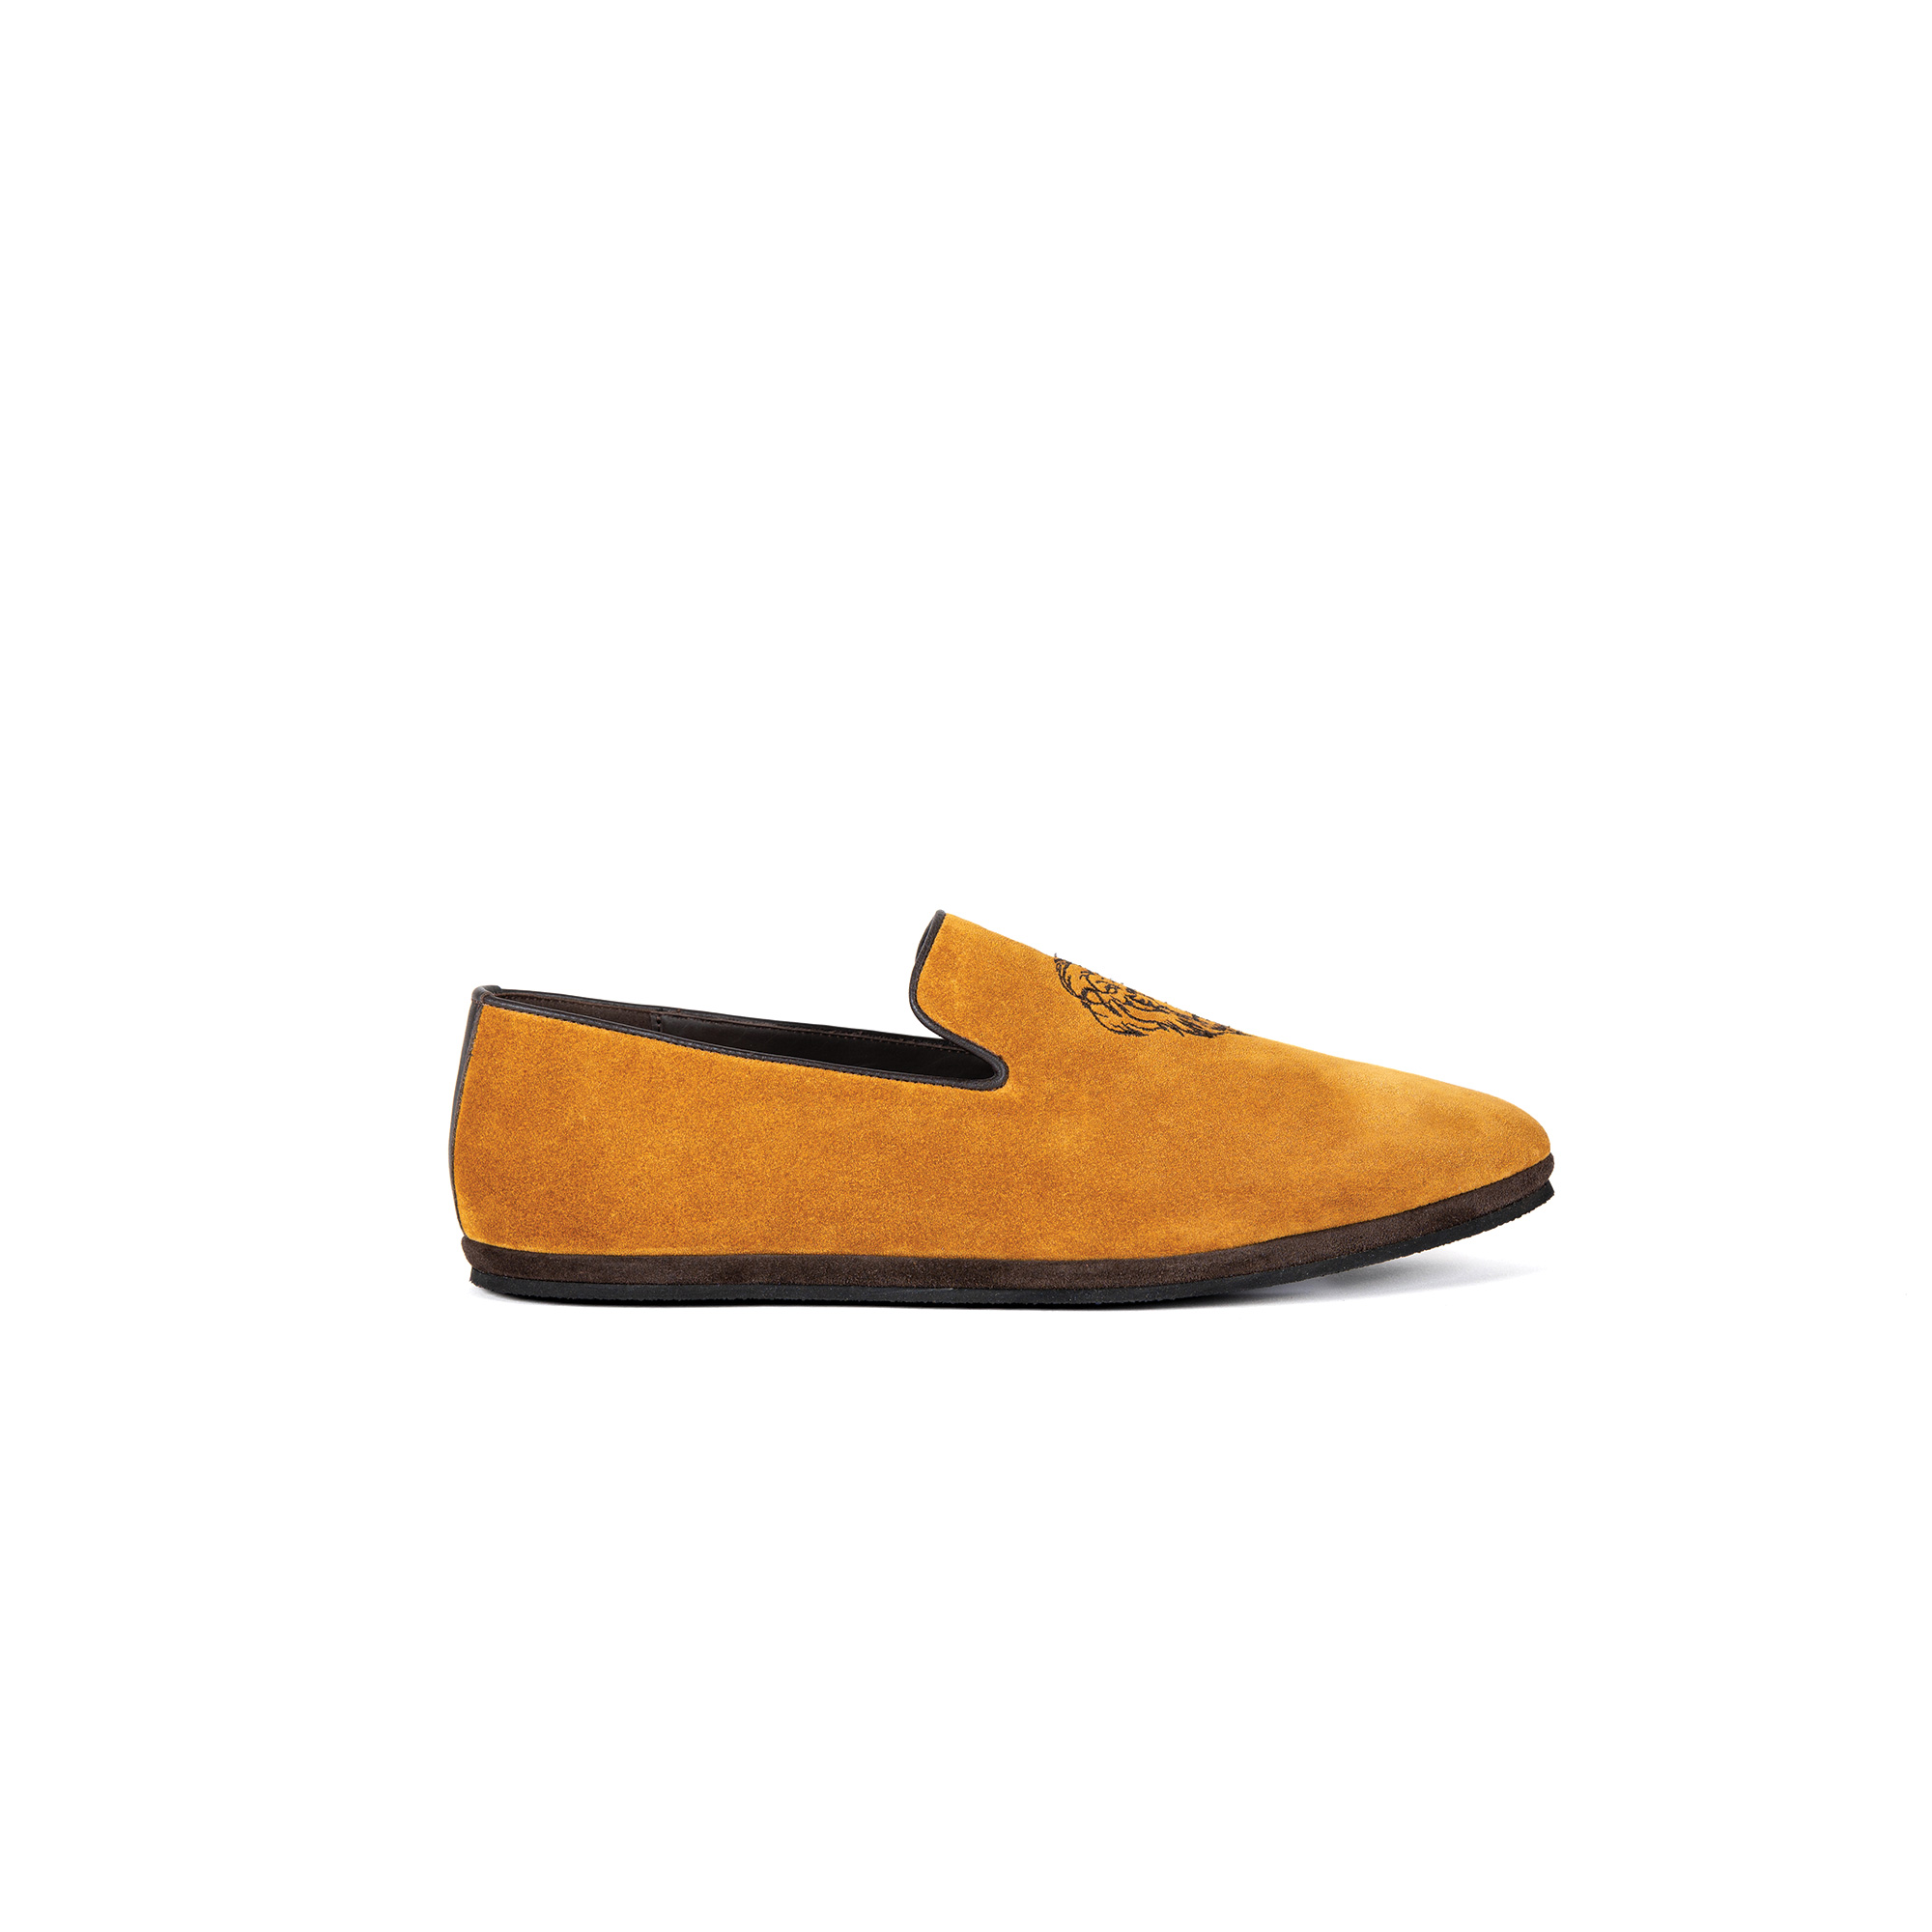 Pantofola interno classico in velour zafferano - Farfalla italian slippers